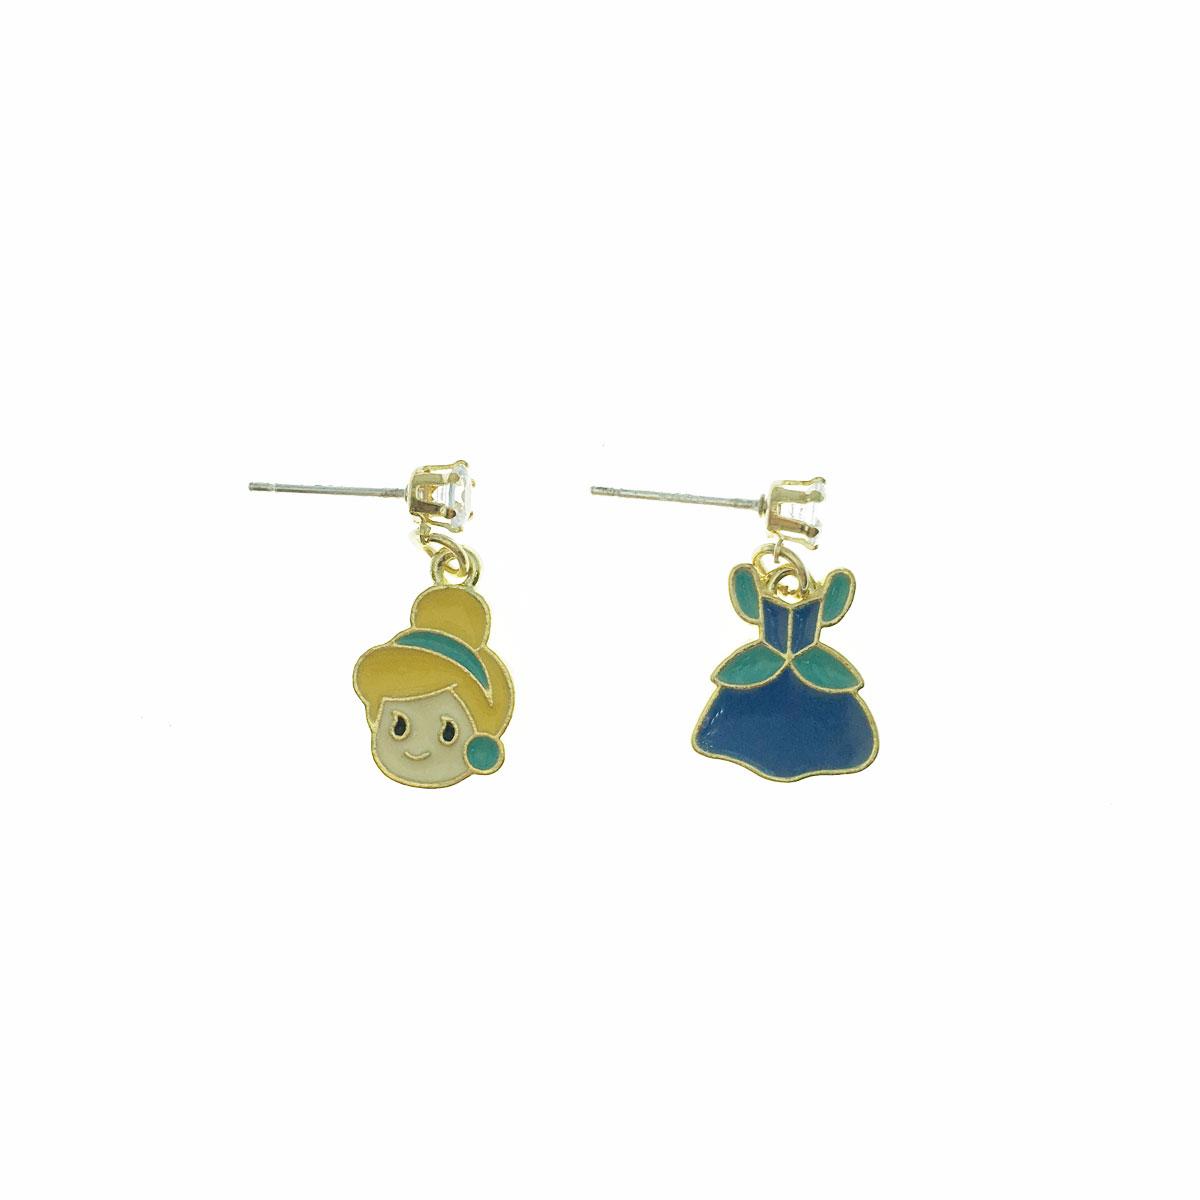 可愛 925純銀 灰姑娘 禮服 水鑽 不對稱 垂墜感 耳針式 耳環